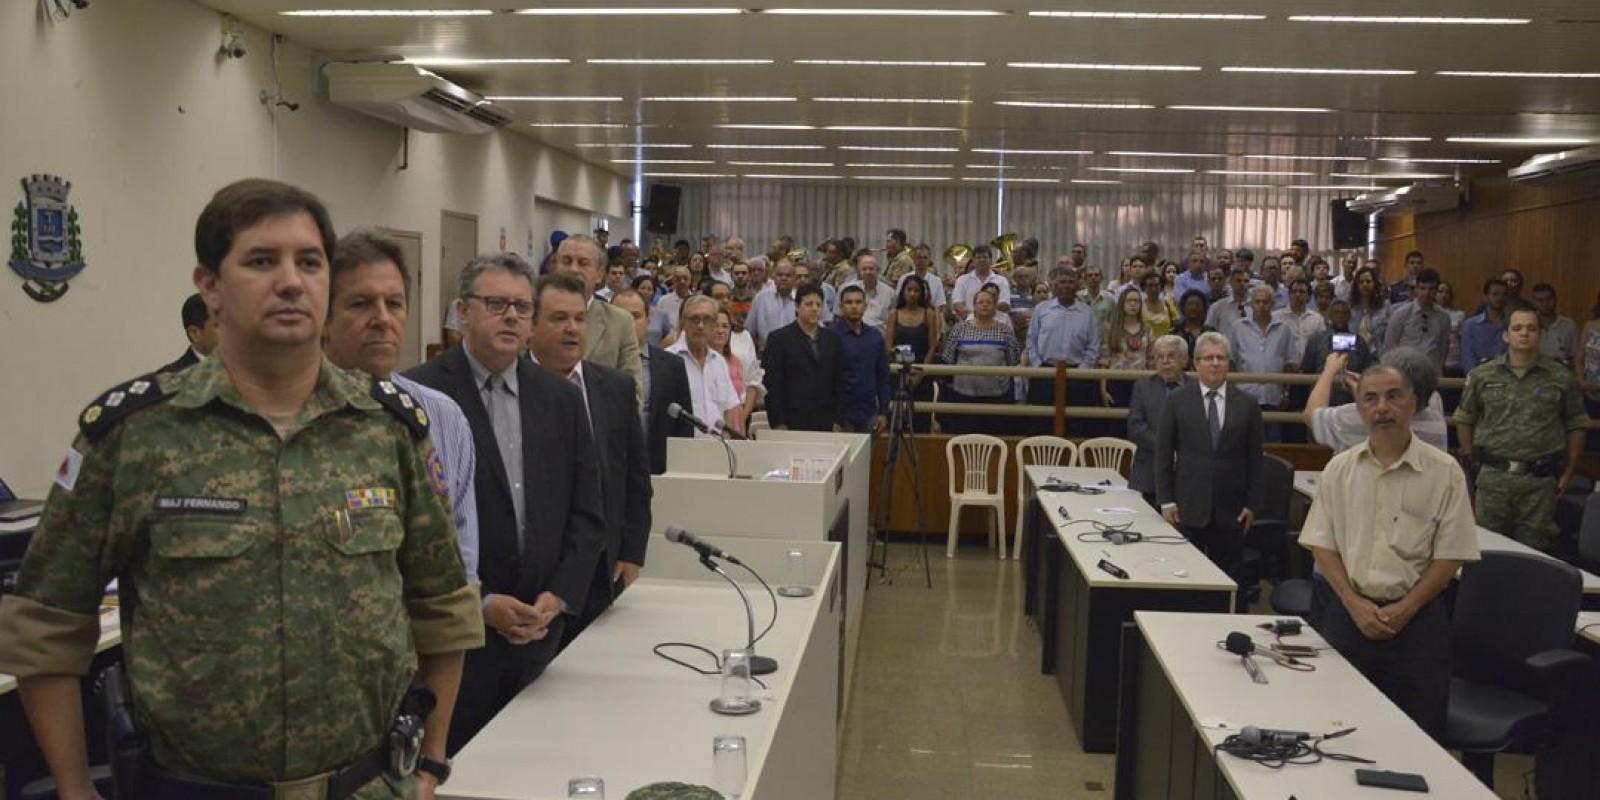 Câmara de Governador Valadares faz homenagem aos 25 anos do IMA